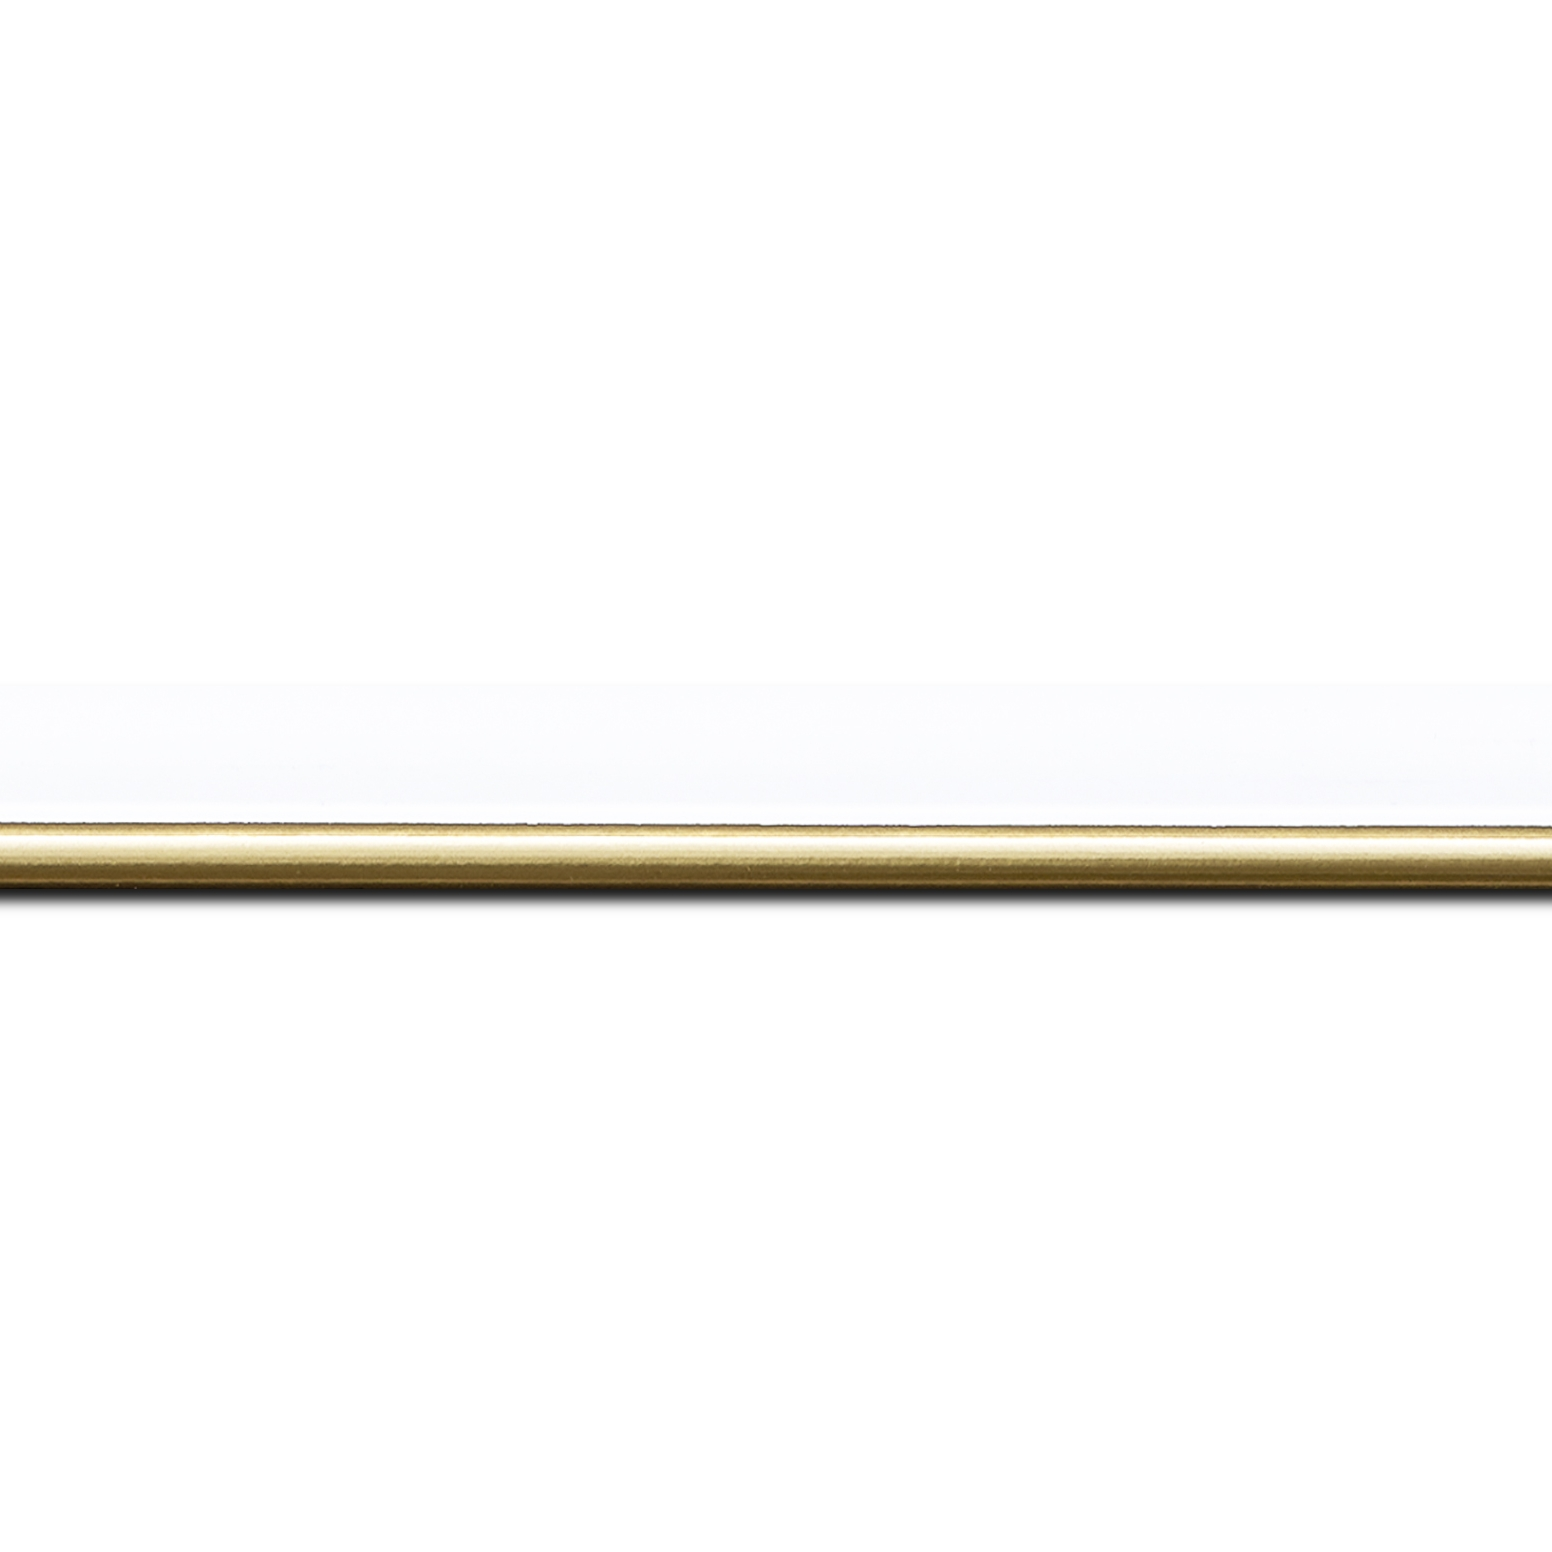 Baguette longueur 1.40m bois profil arrondi largeur 2.1cm couleur blanc mat filet or